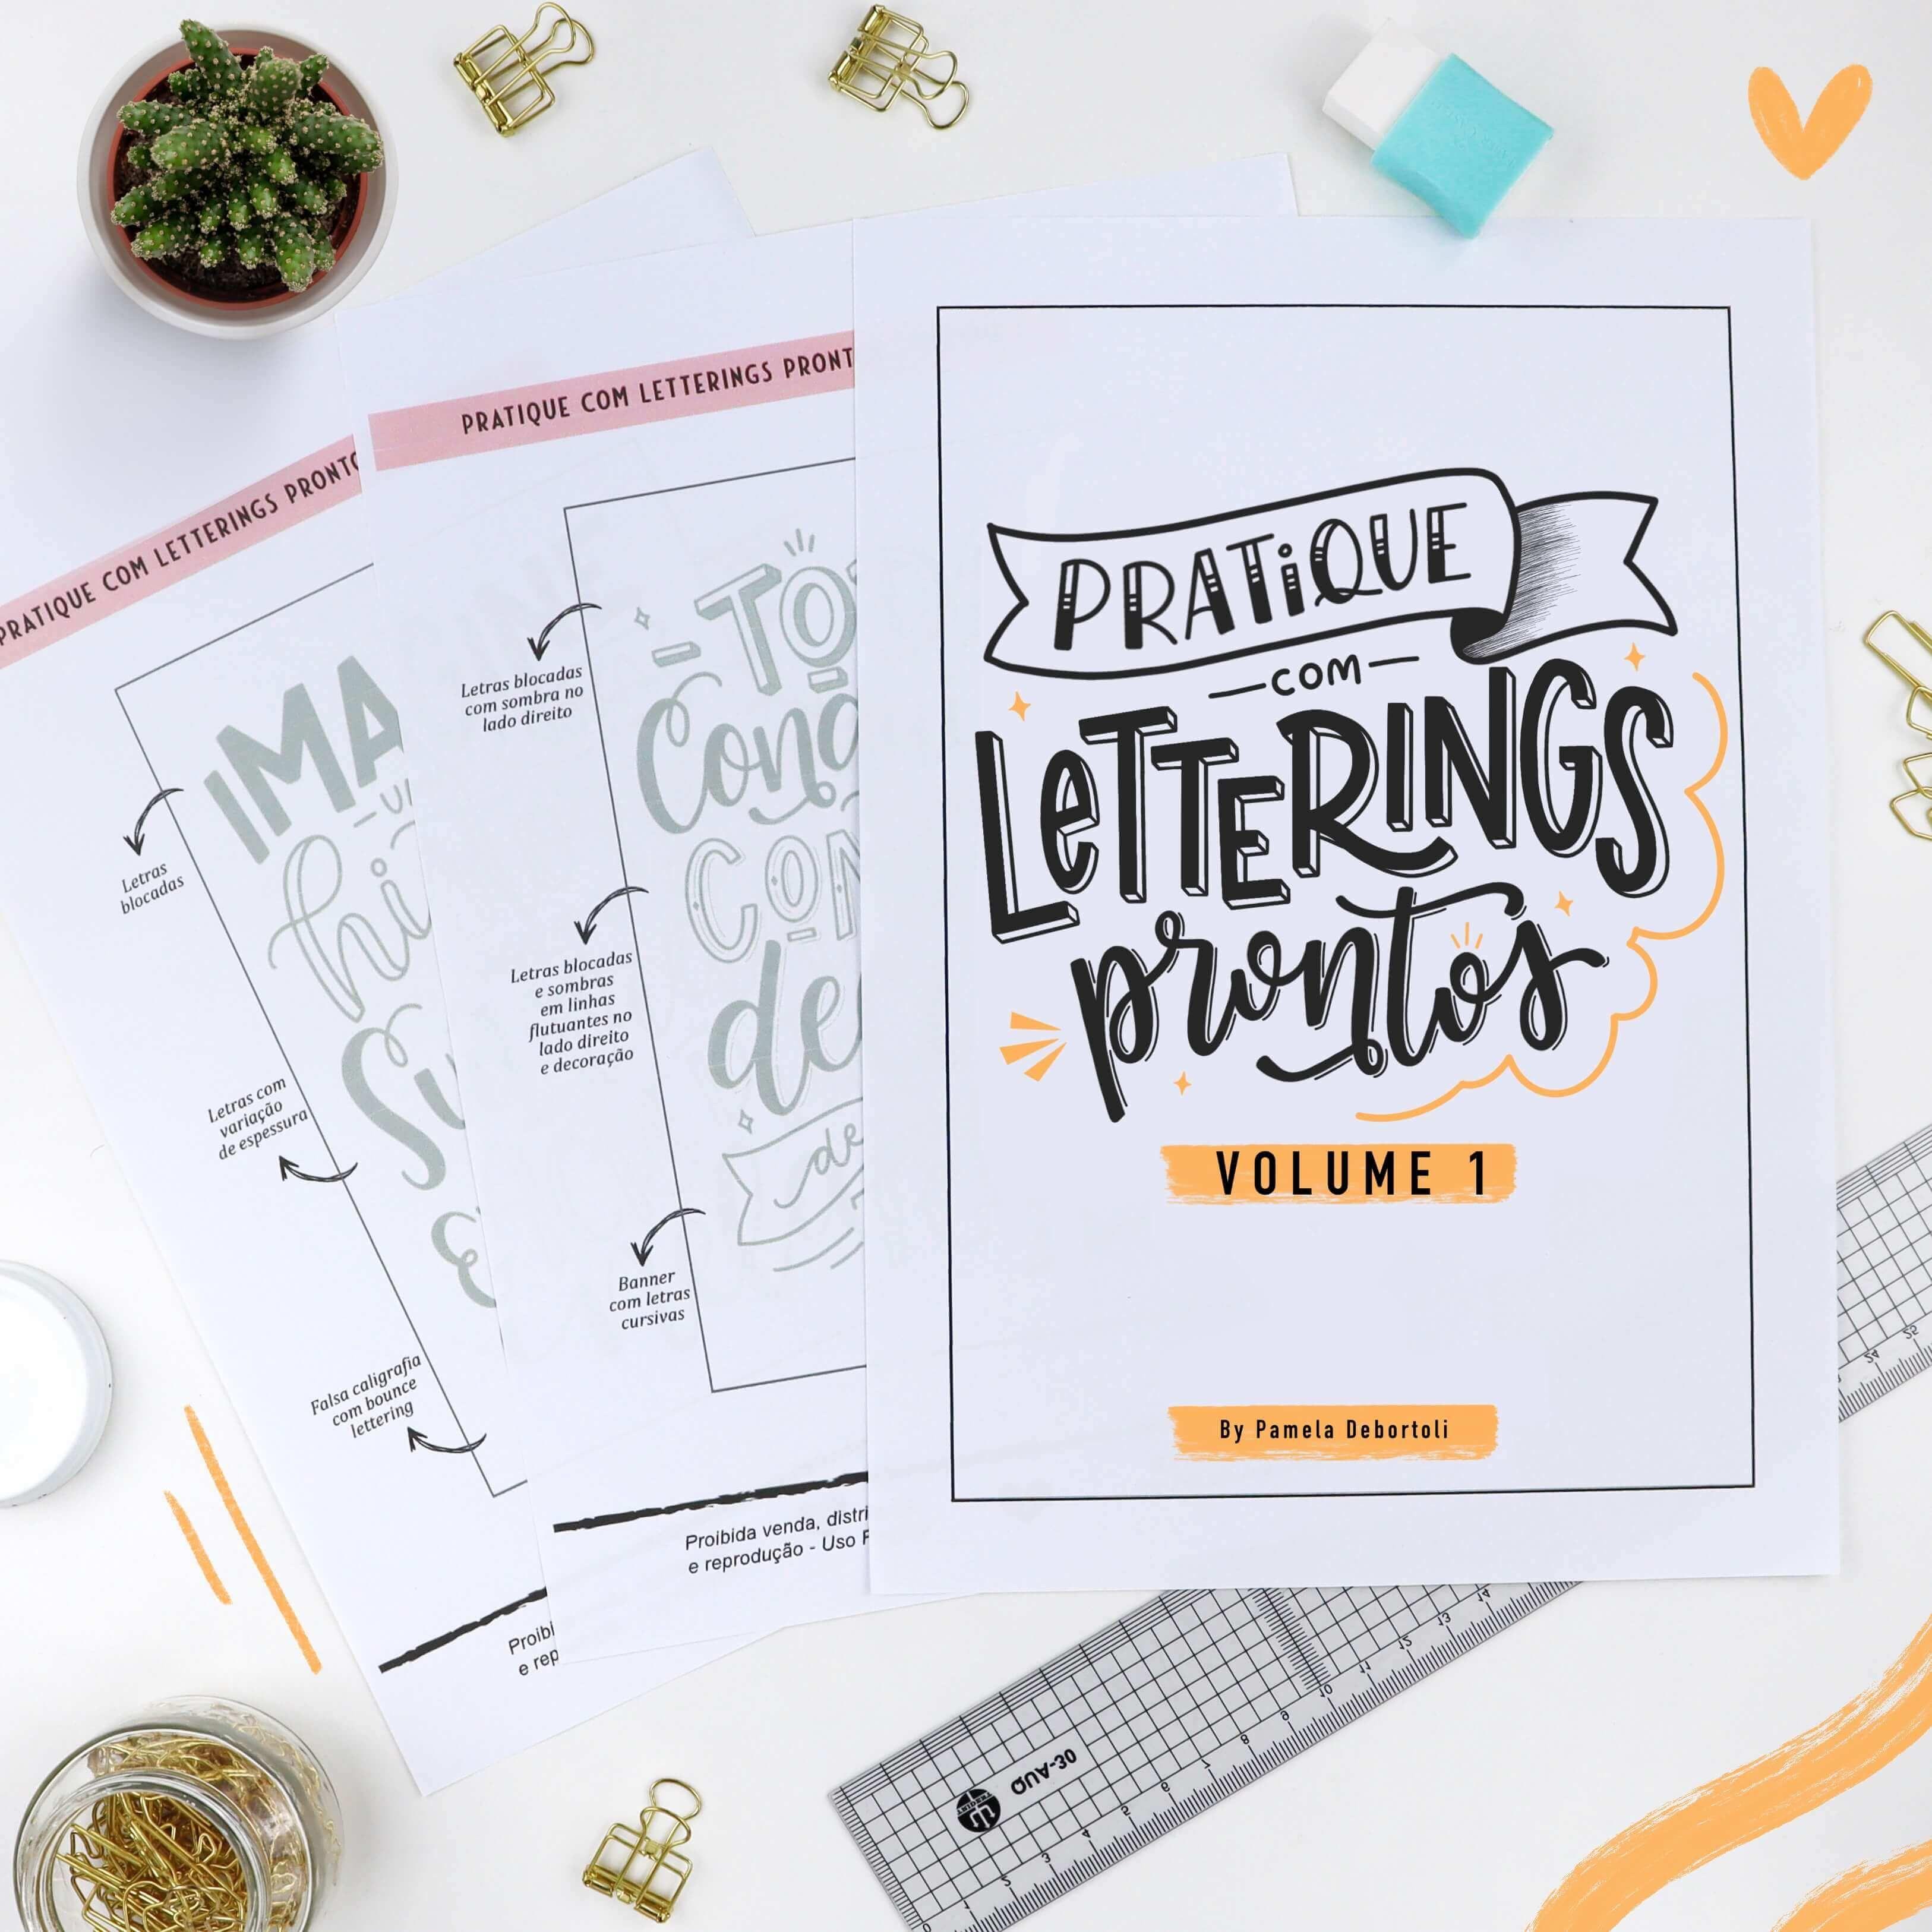 Pratique com Letterings Prontos - Vol. 1